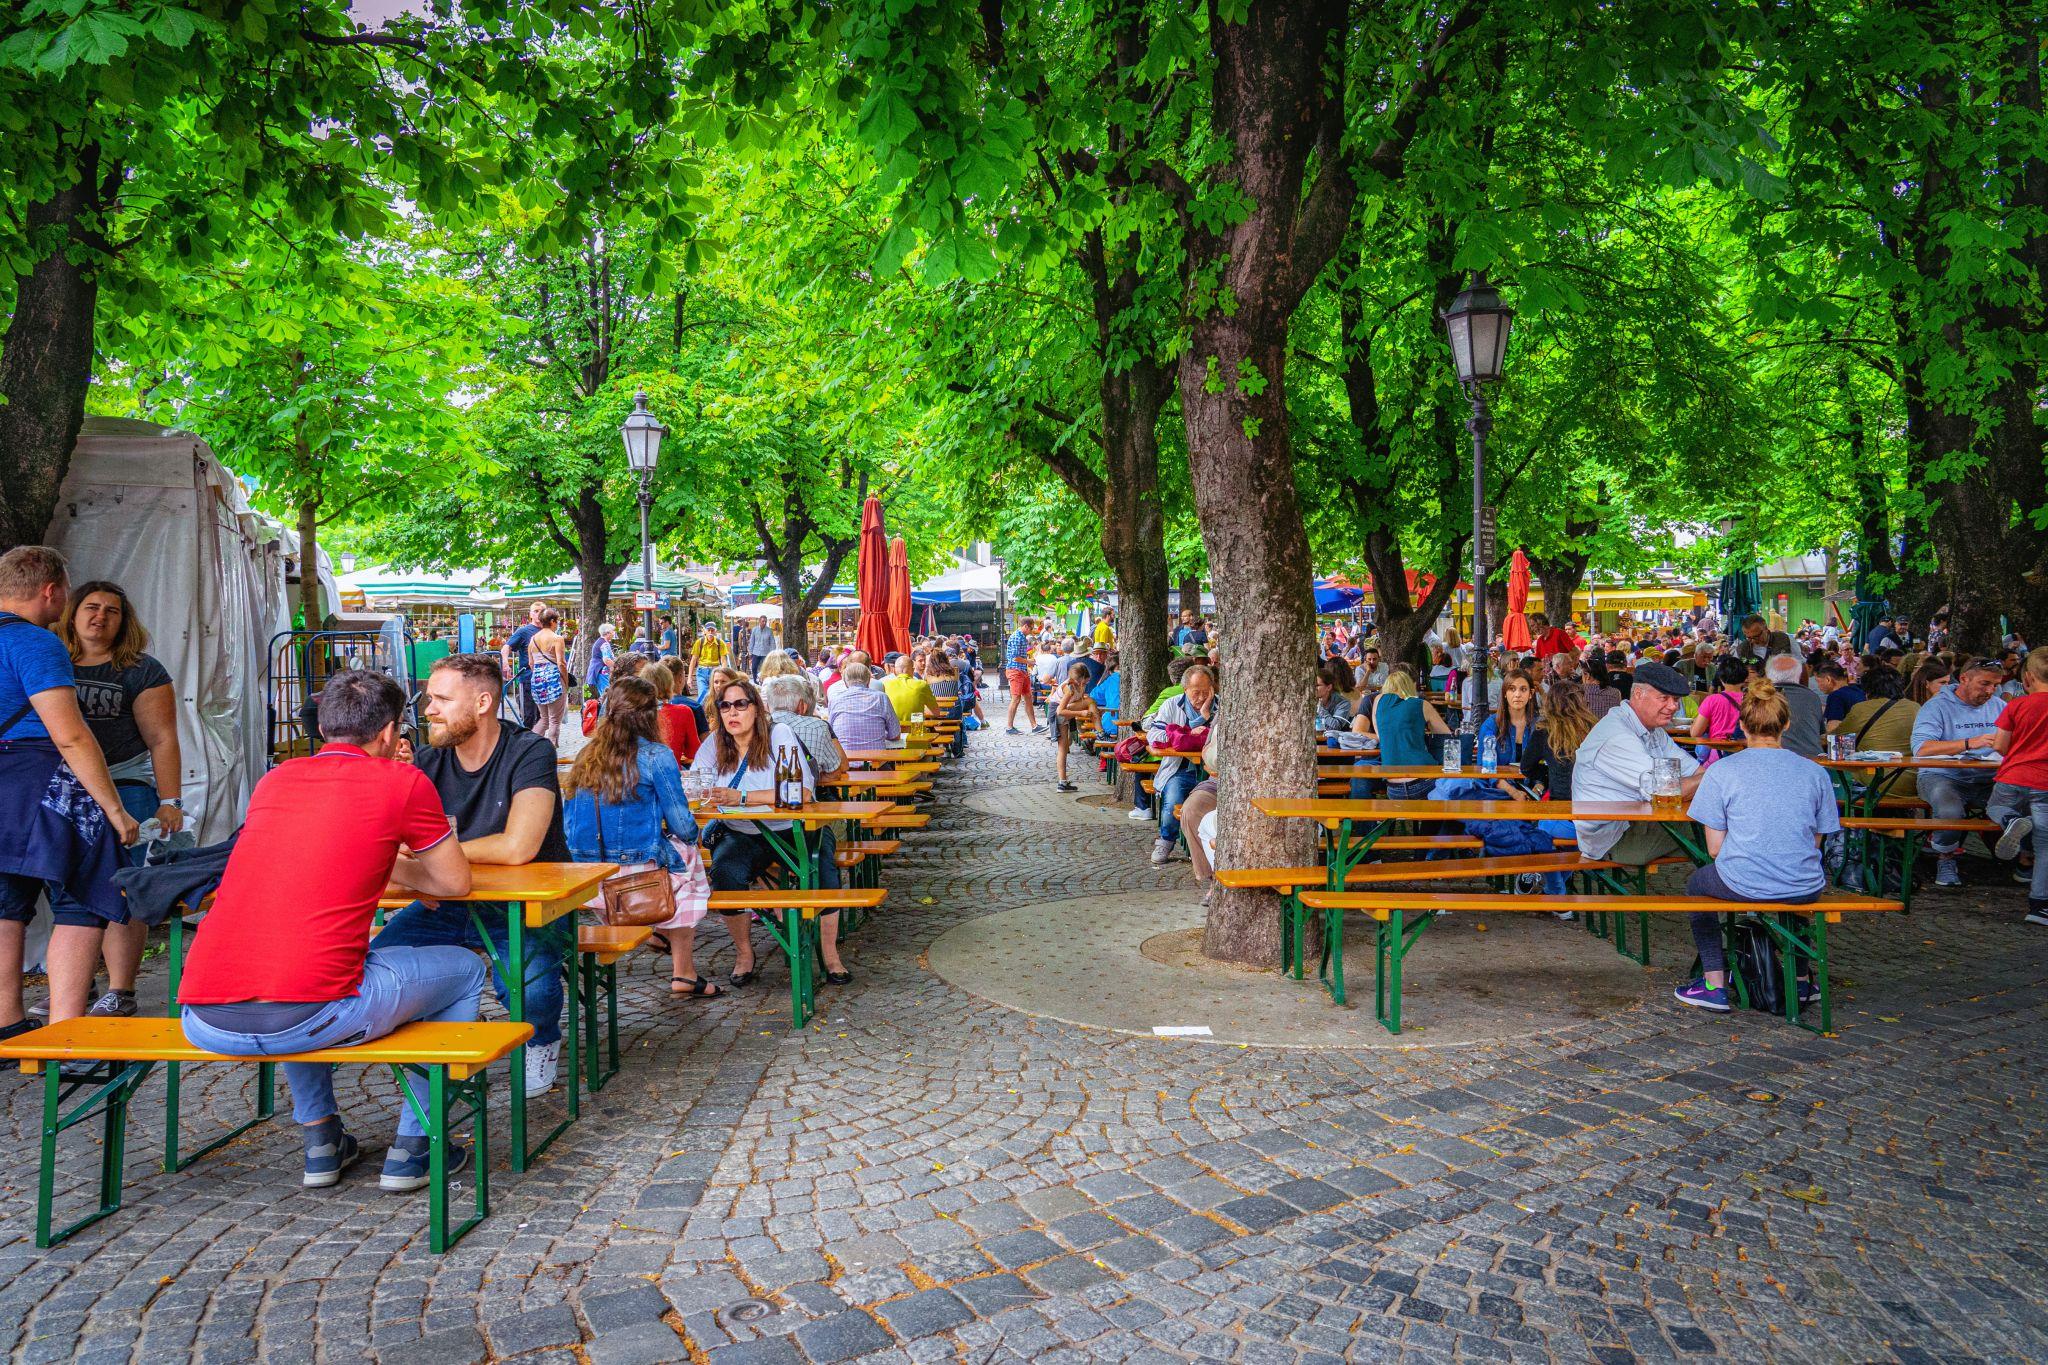 Beer Garden at Viktualienmarkt, Germany